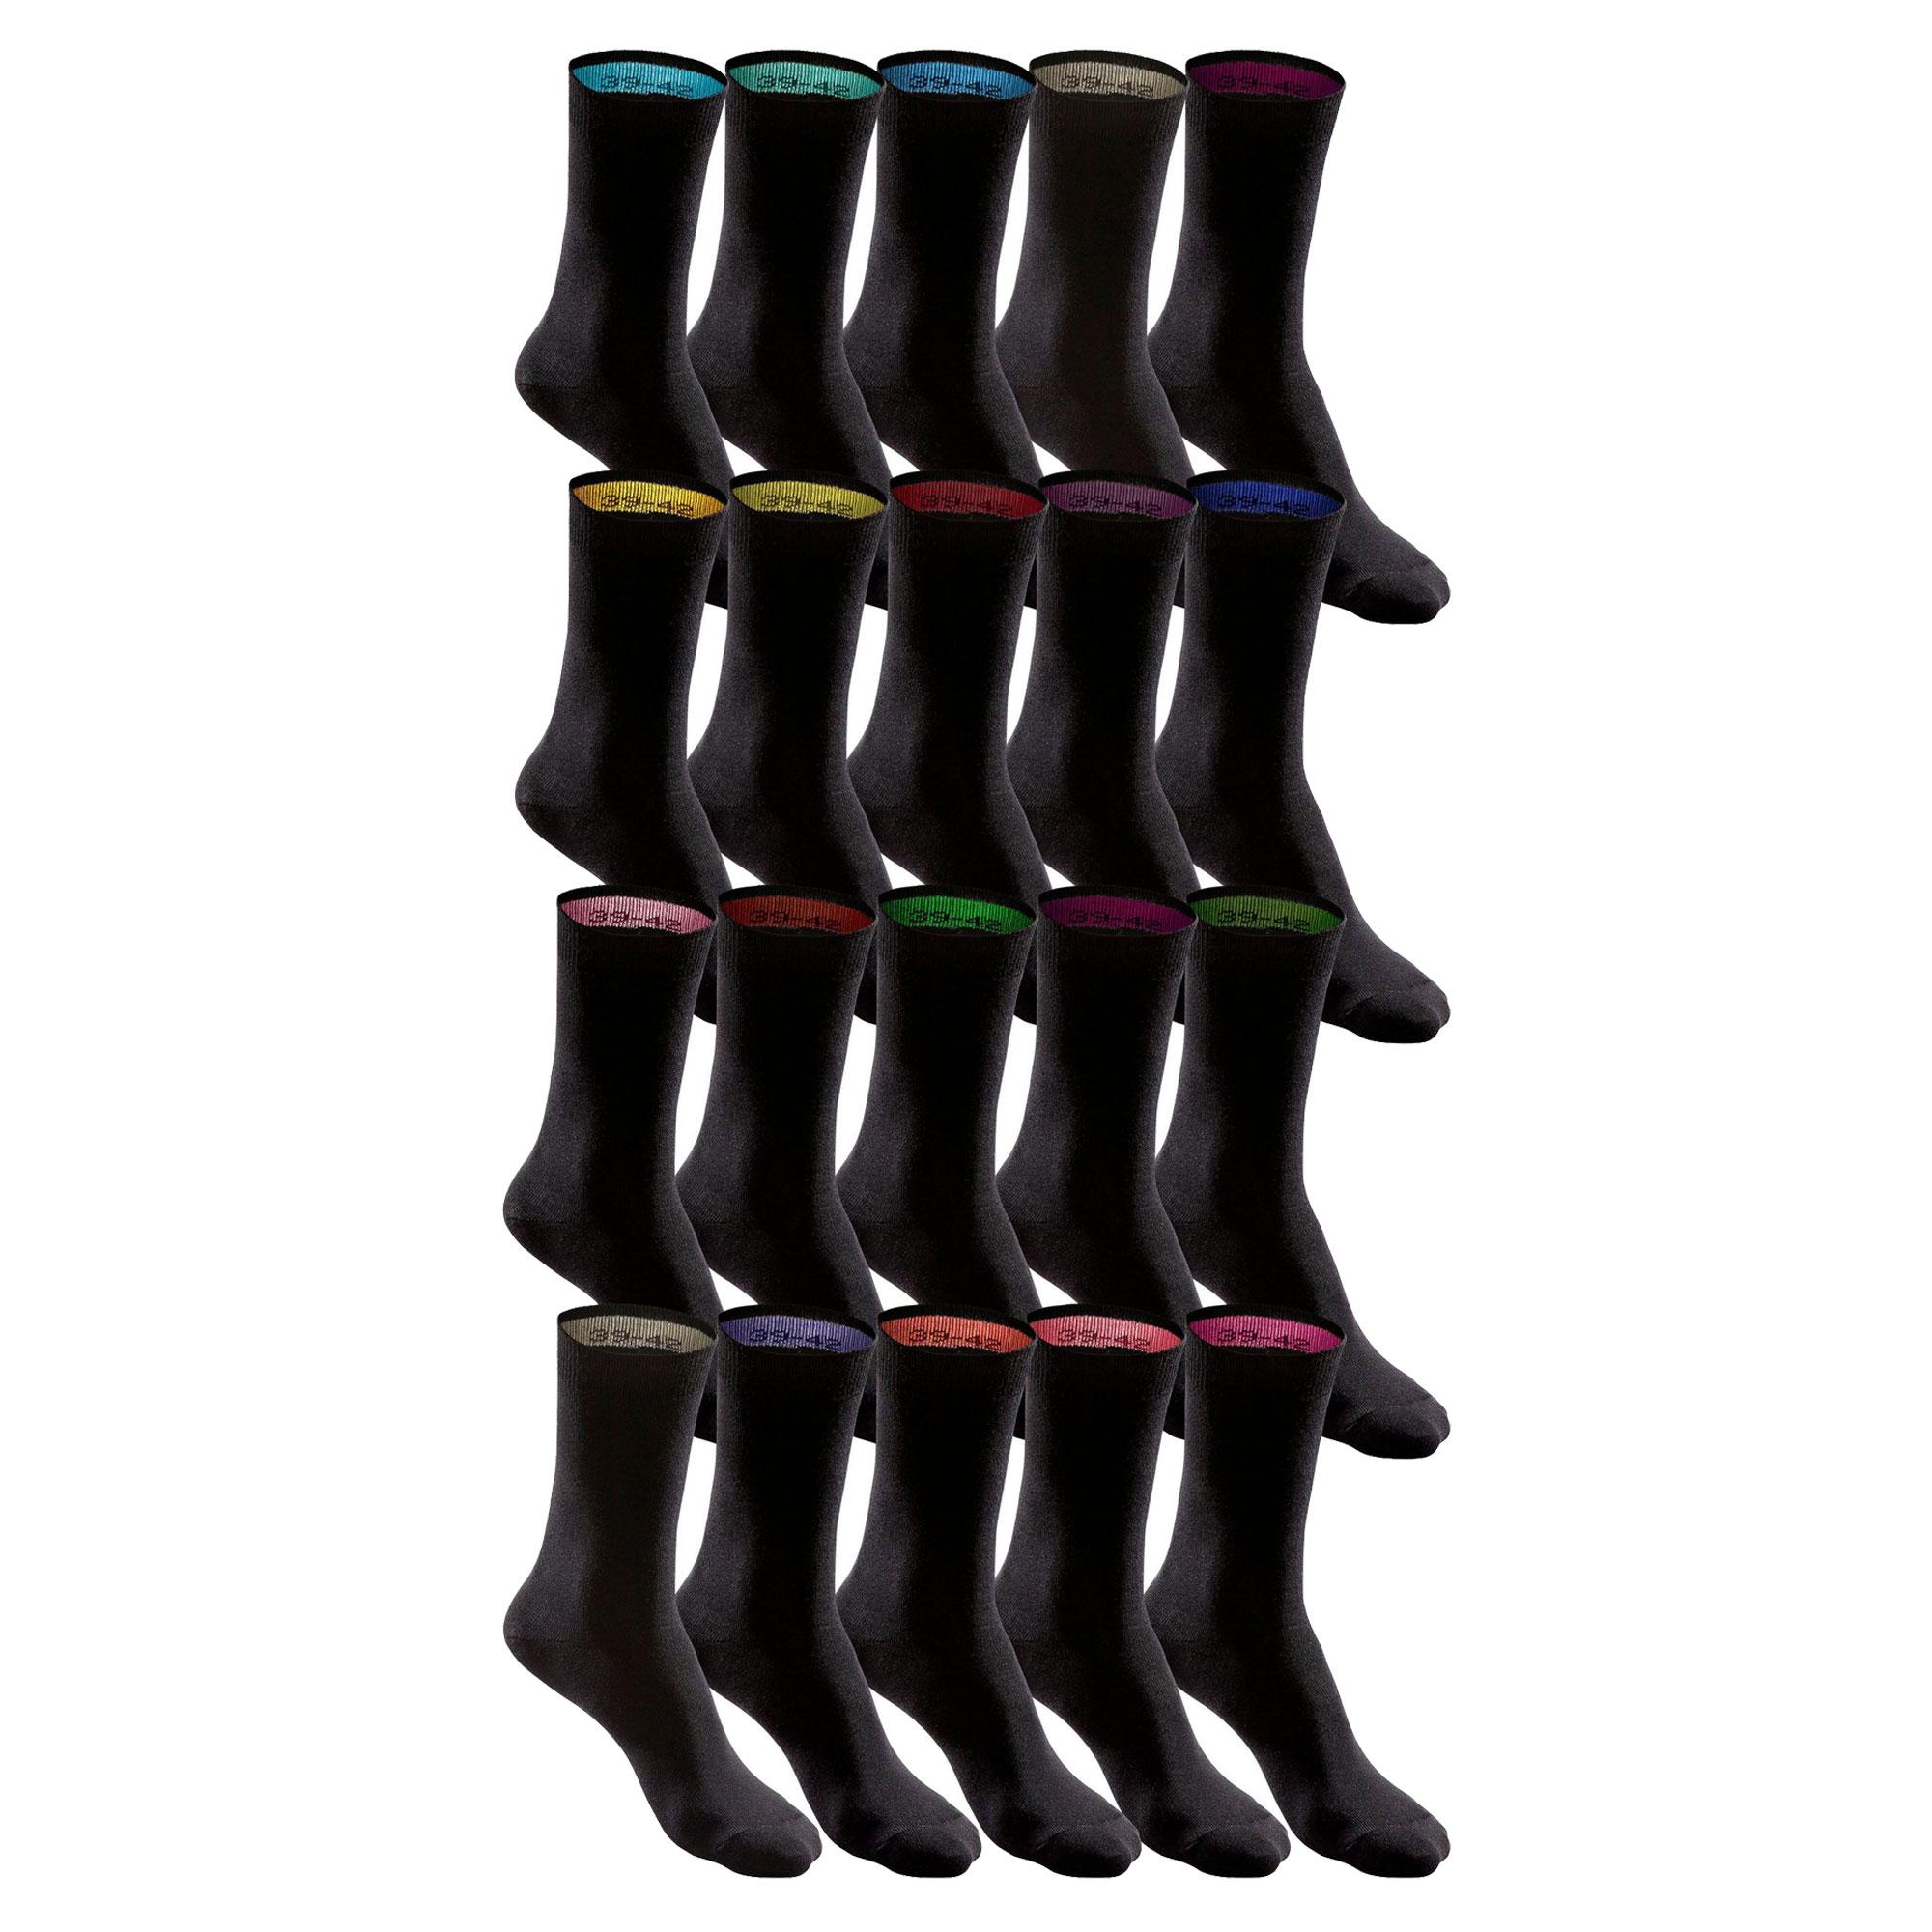 HIS Socken, Unisex, 20 Paar mit farbigem Bündchen – Bild 3